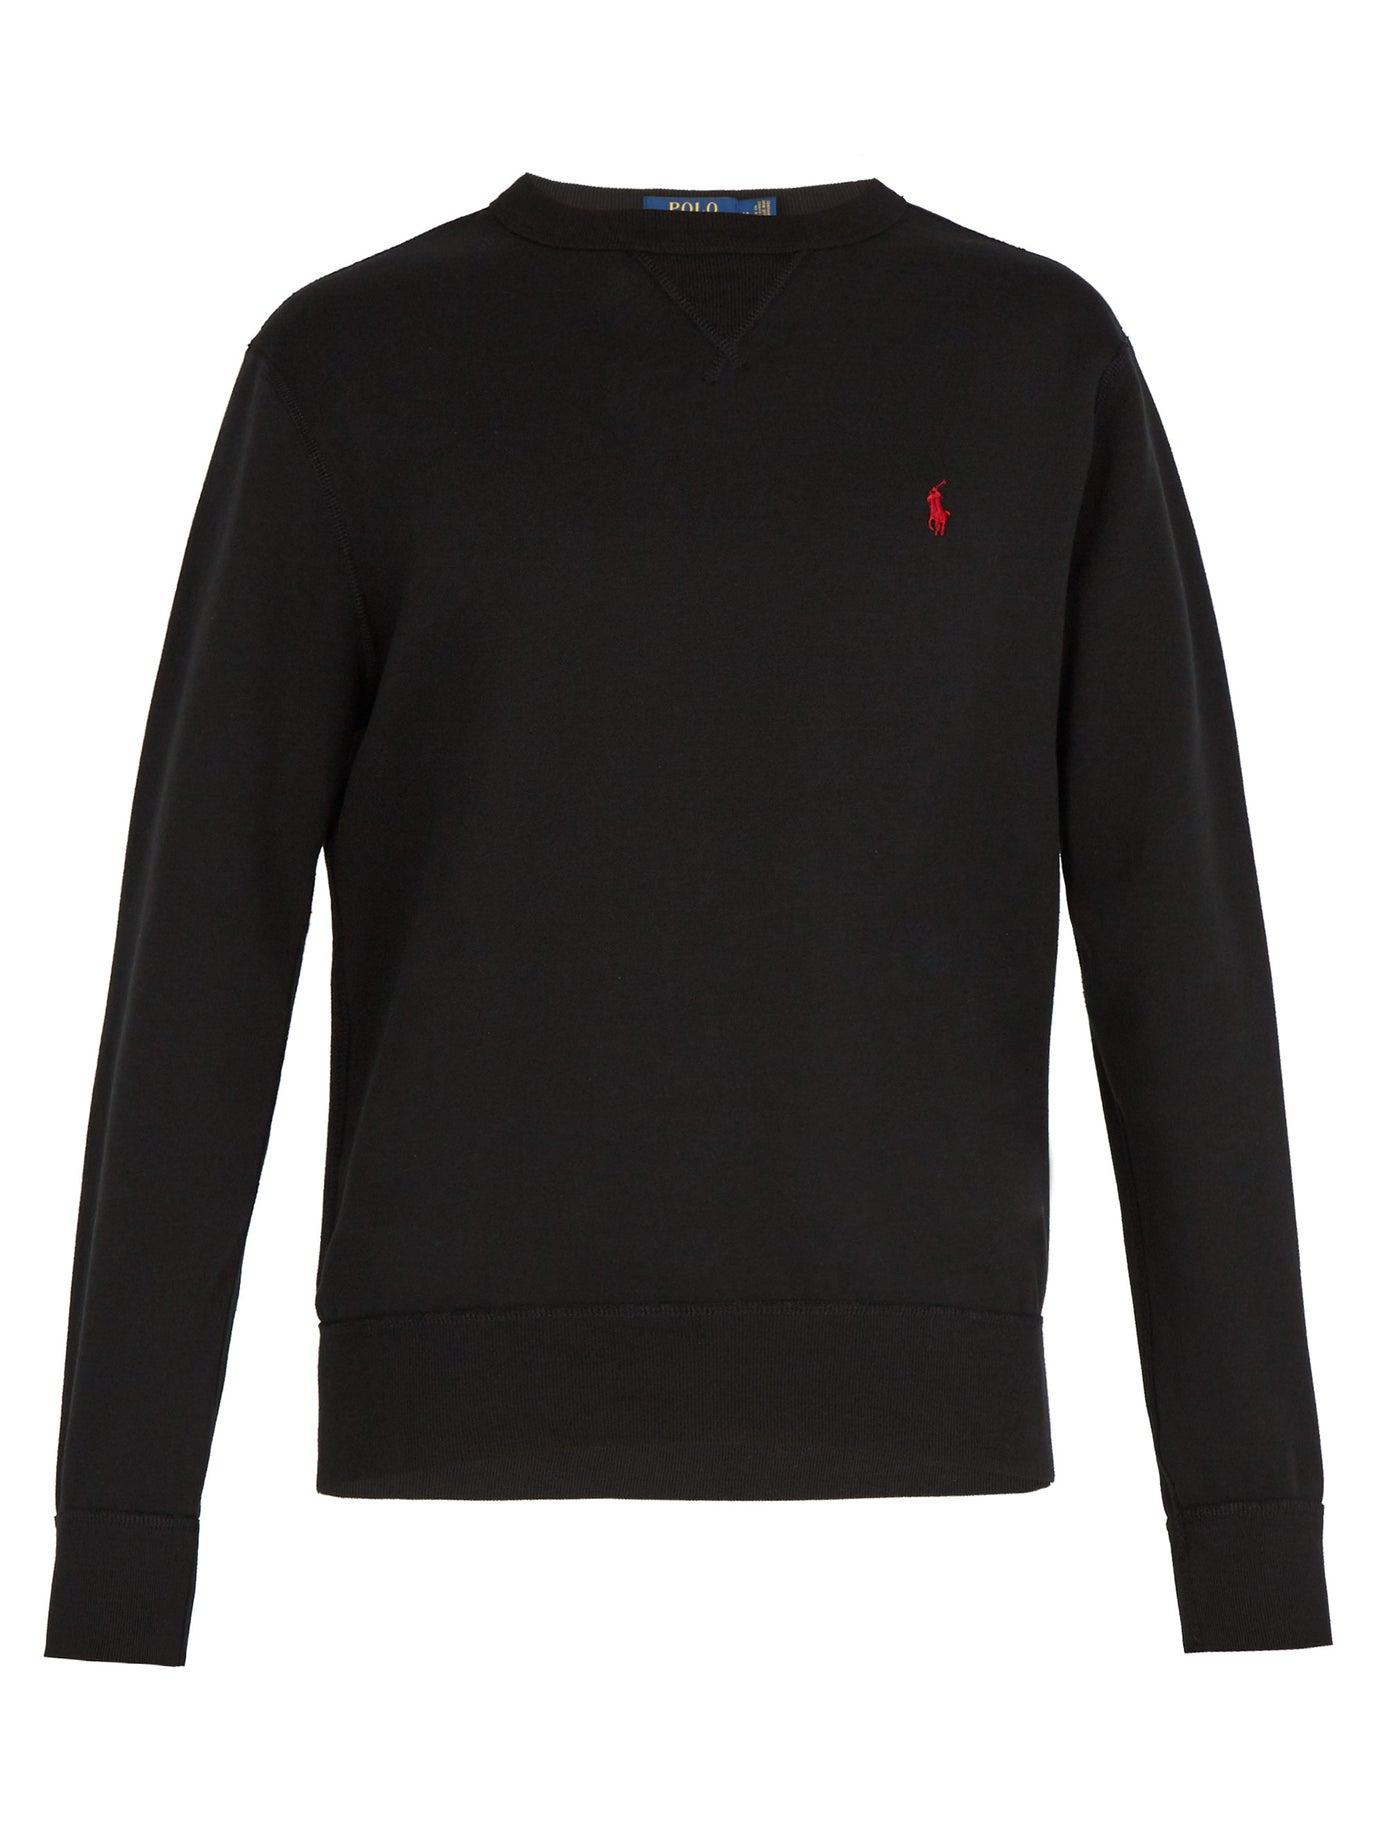 Polo Ralph Lauren   Mens Chest Badge Sweatshirt   Crew